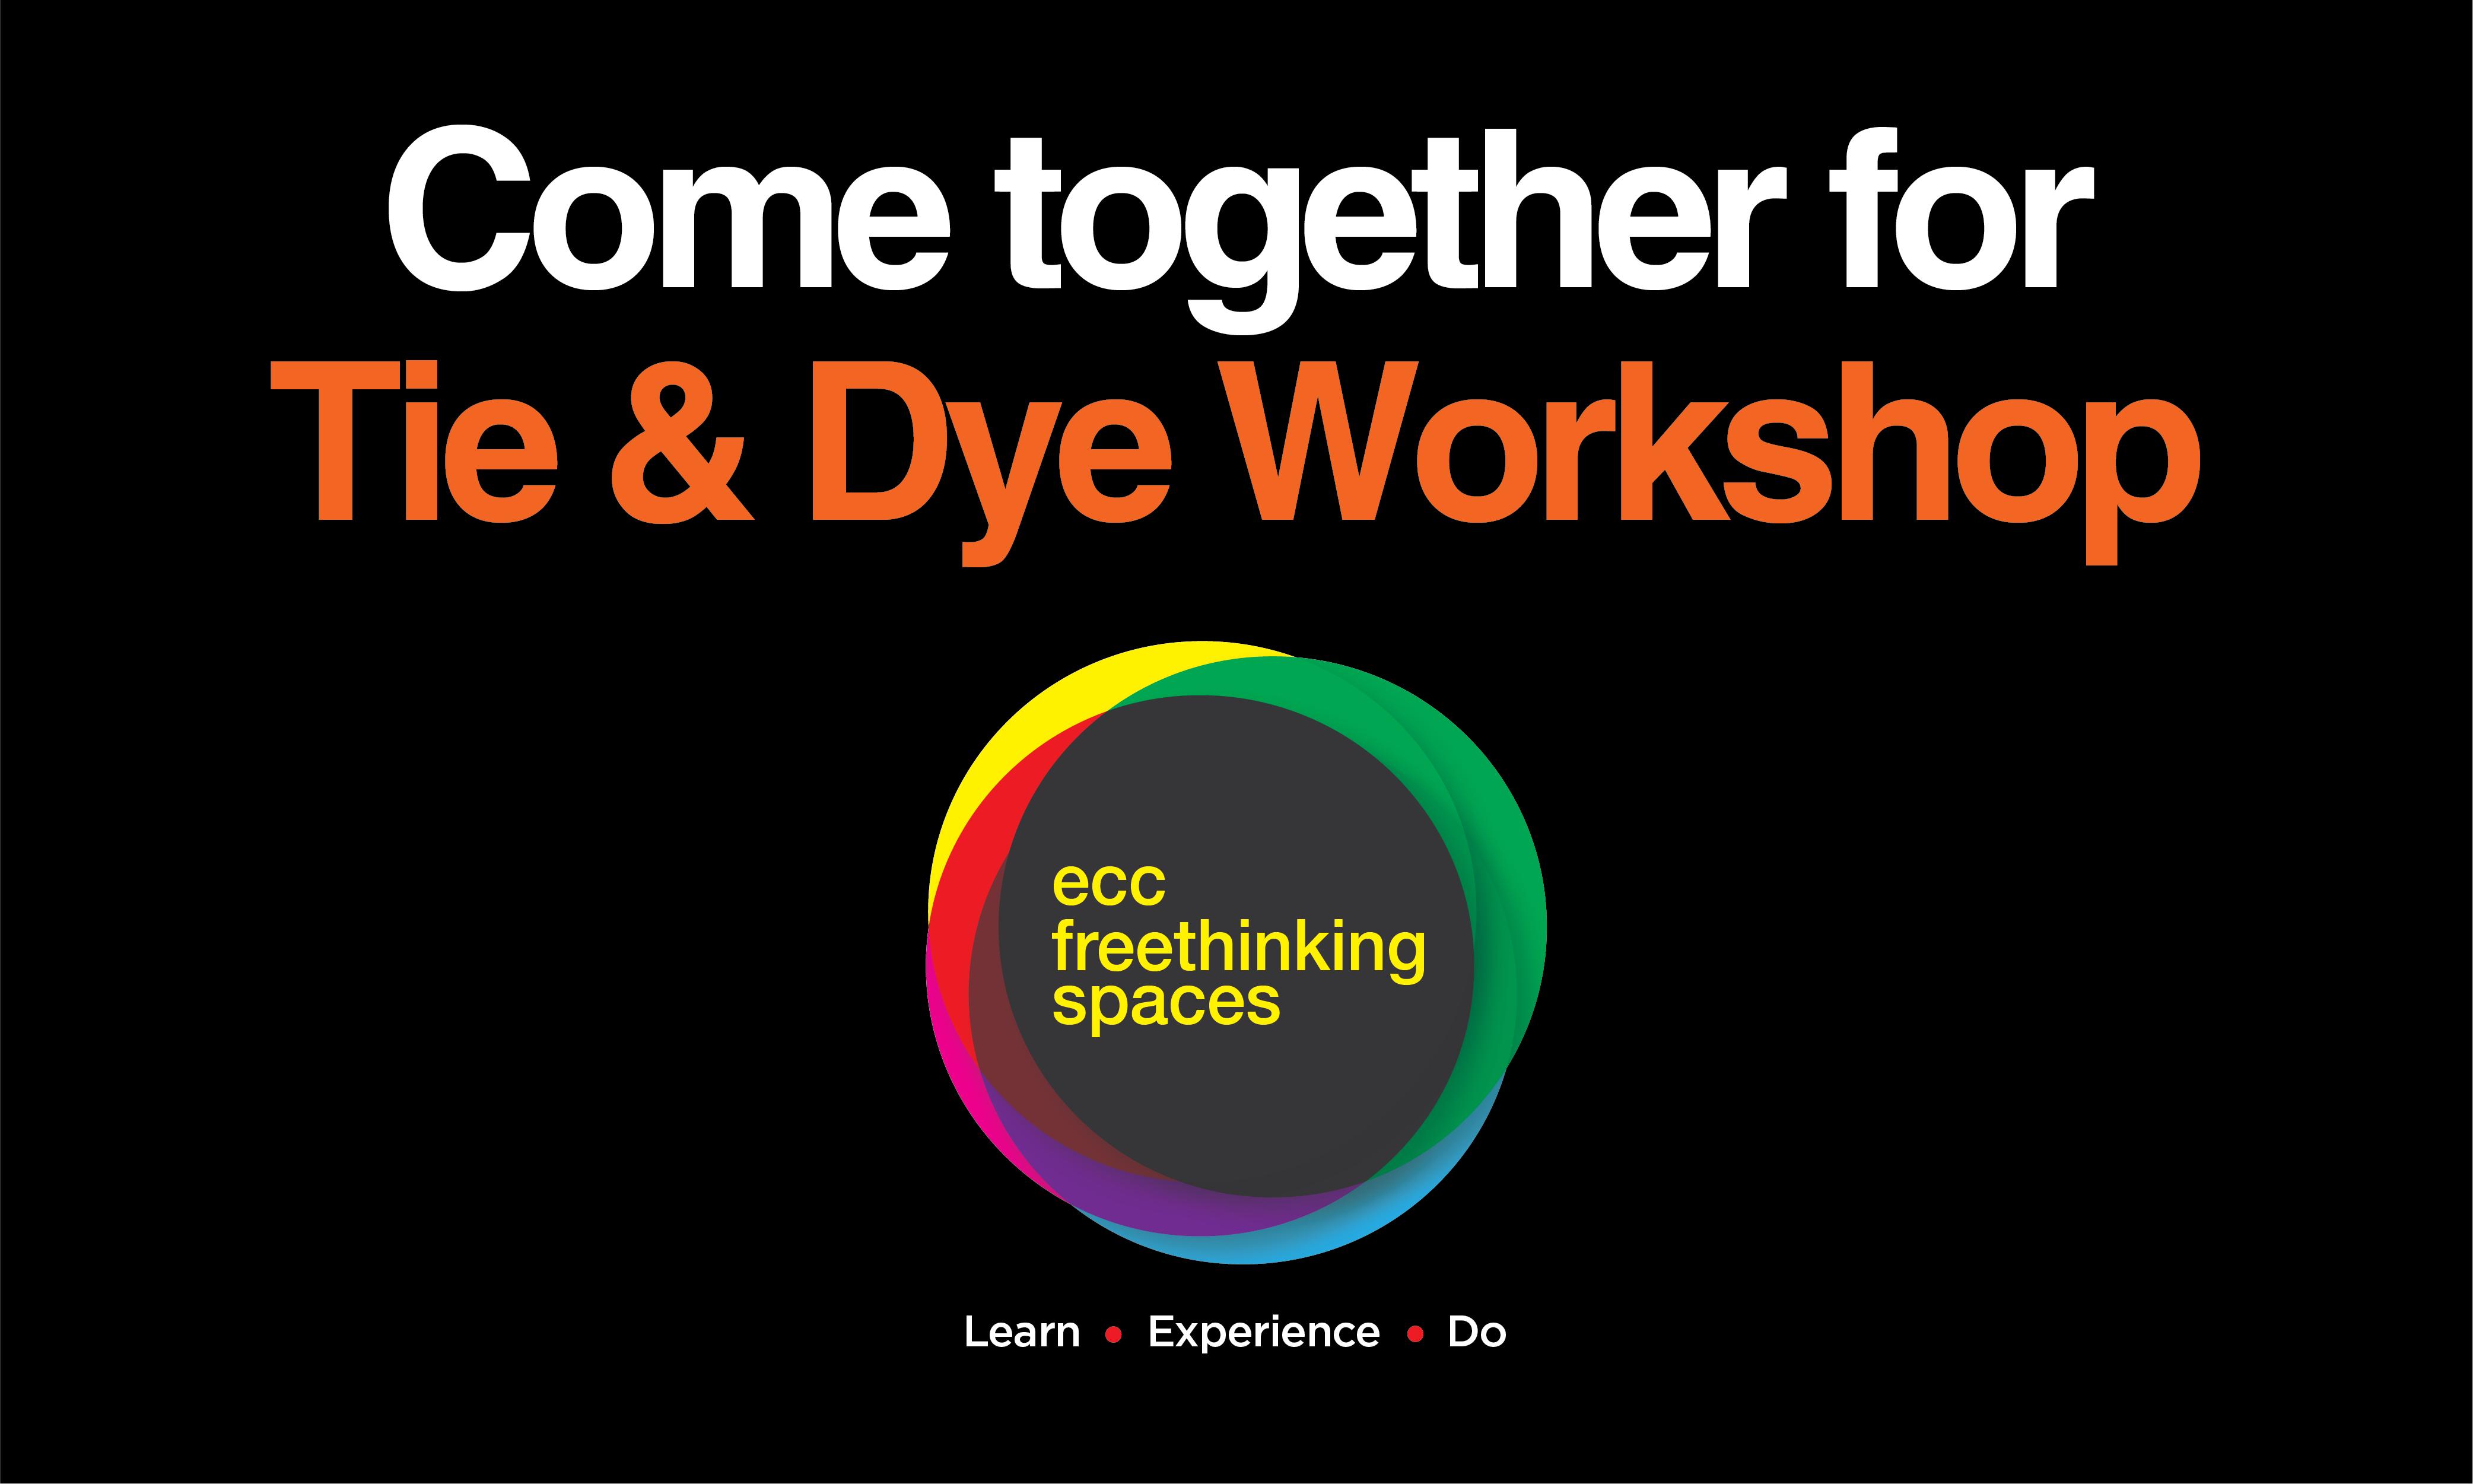 Tie & Dye Workshop Cover Image